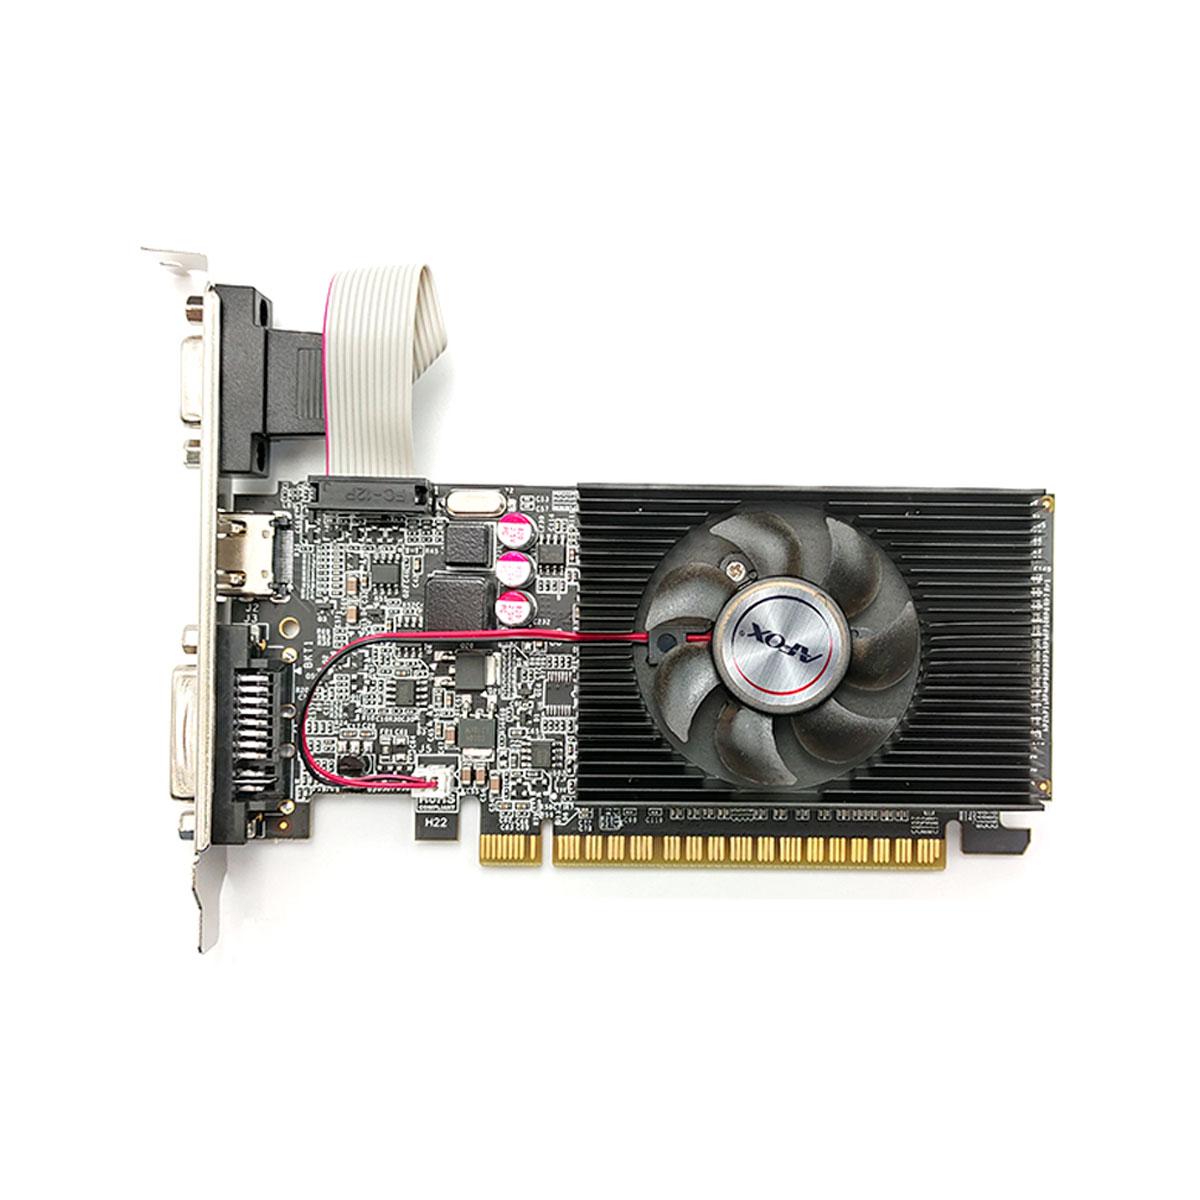 Placa de Vídeo Afox GeForce GT610 2GB, DDR3, 64 Bits, Low Profile, HDMI/DVI/VGA - AF610-2048D3L7-V5